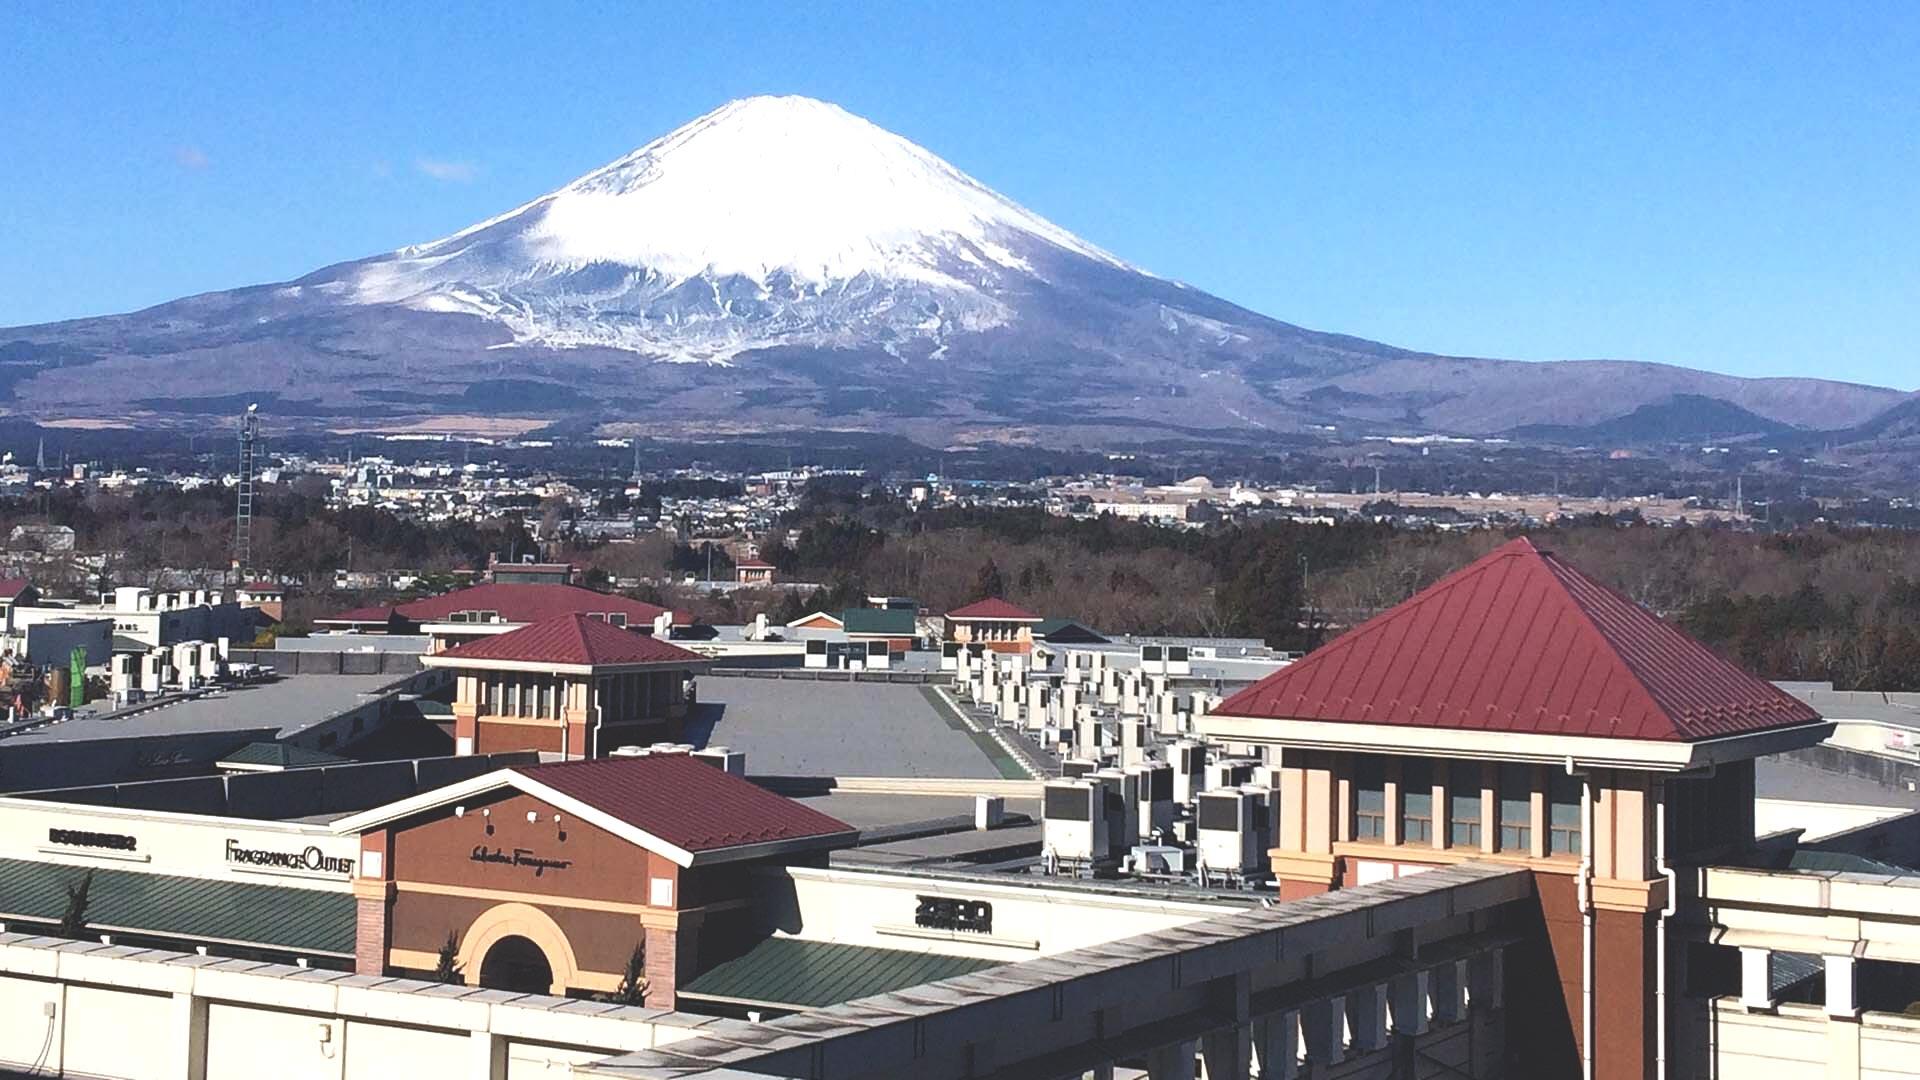 御殿場プレミアムアウトレットと富士山の画像